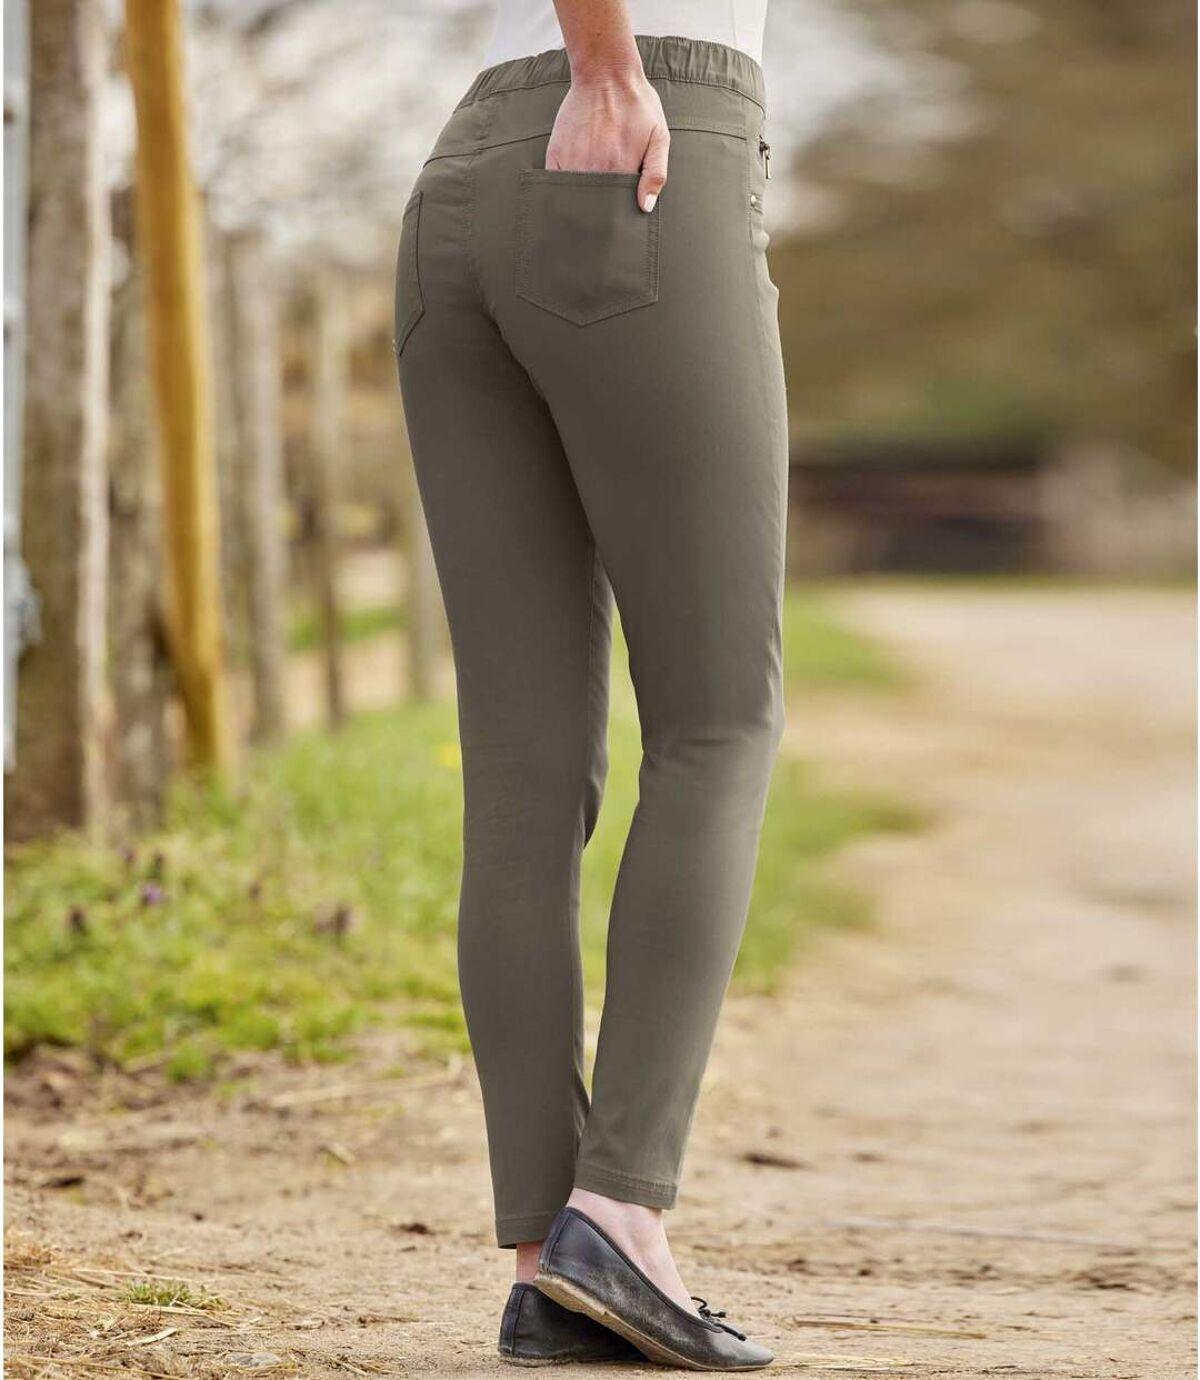 Women's Ankle-Length Stretch Jeggings - Khaki Atlas For Men